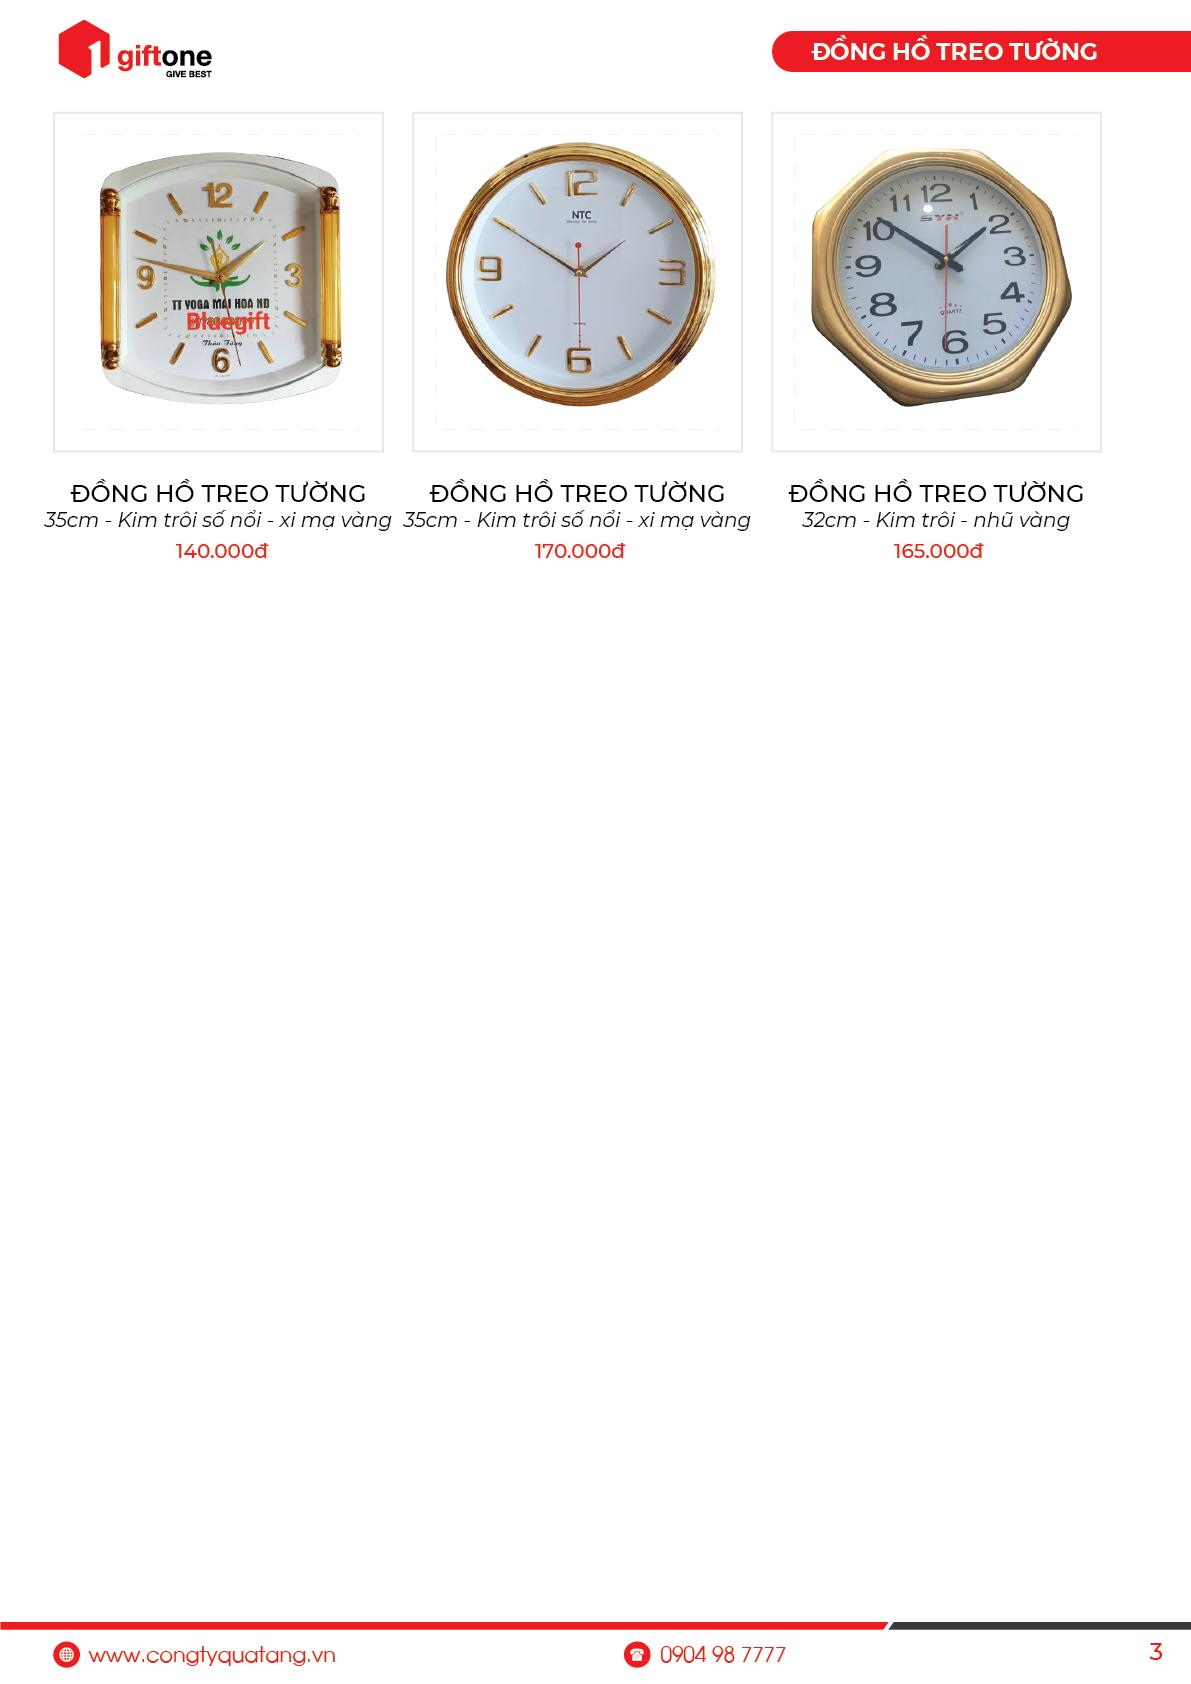 Báo giá đồng hồ treo tường